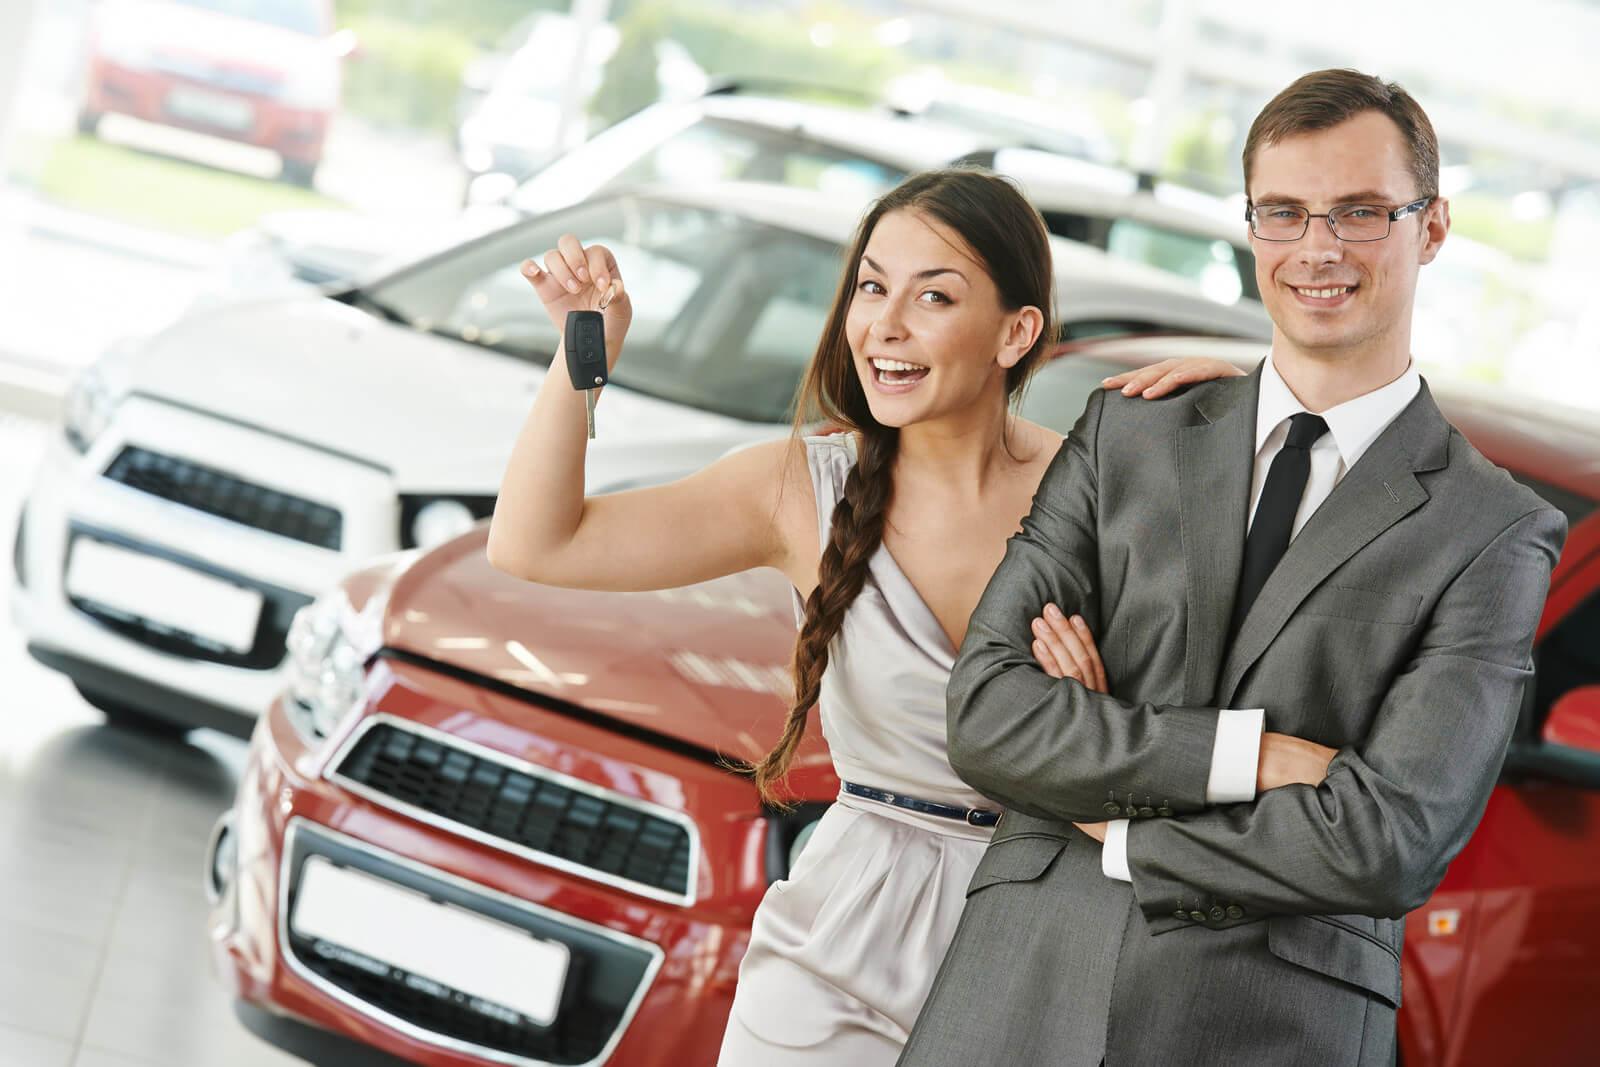 Как сделать документы на машину: юридические аспекты, перспективы